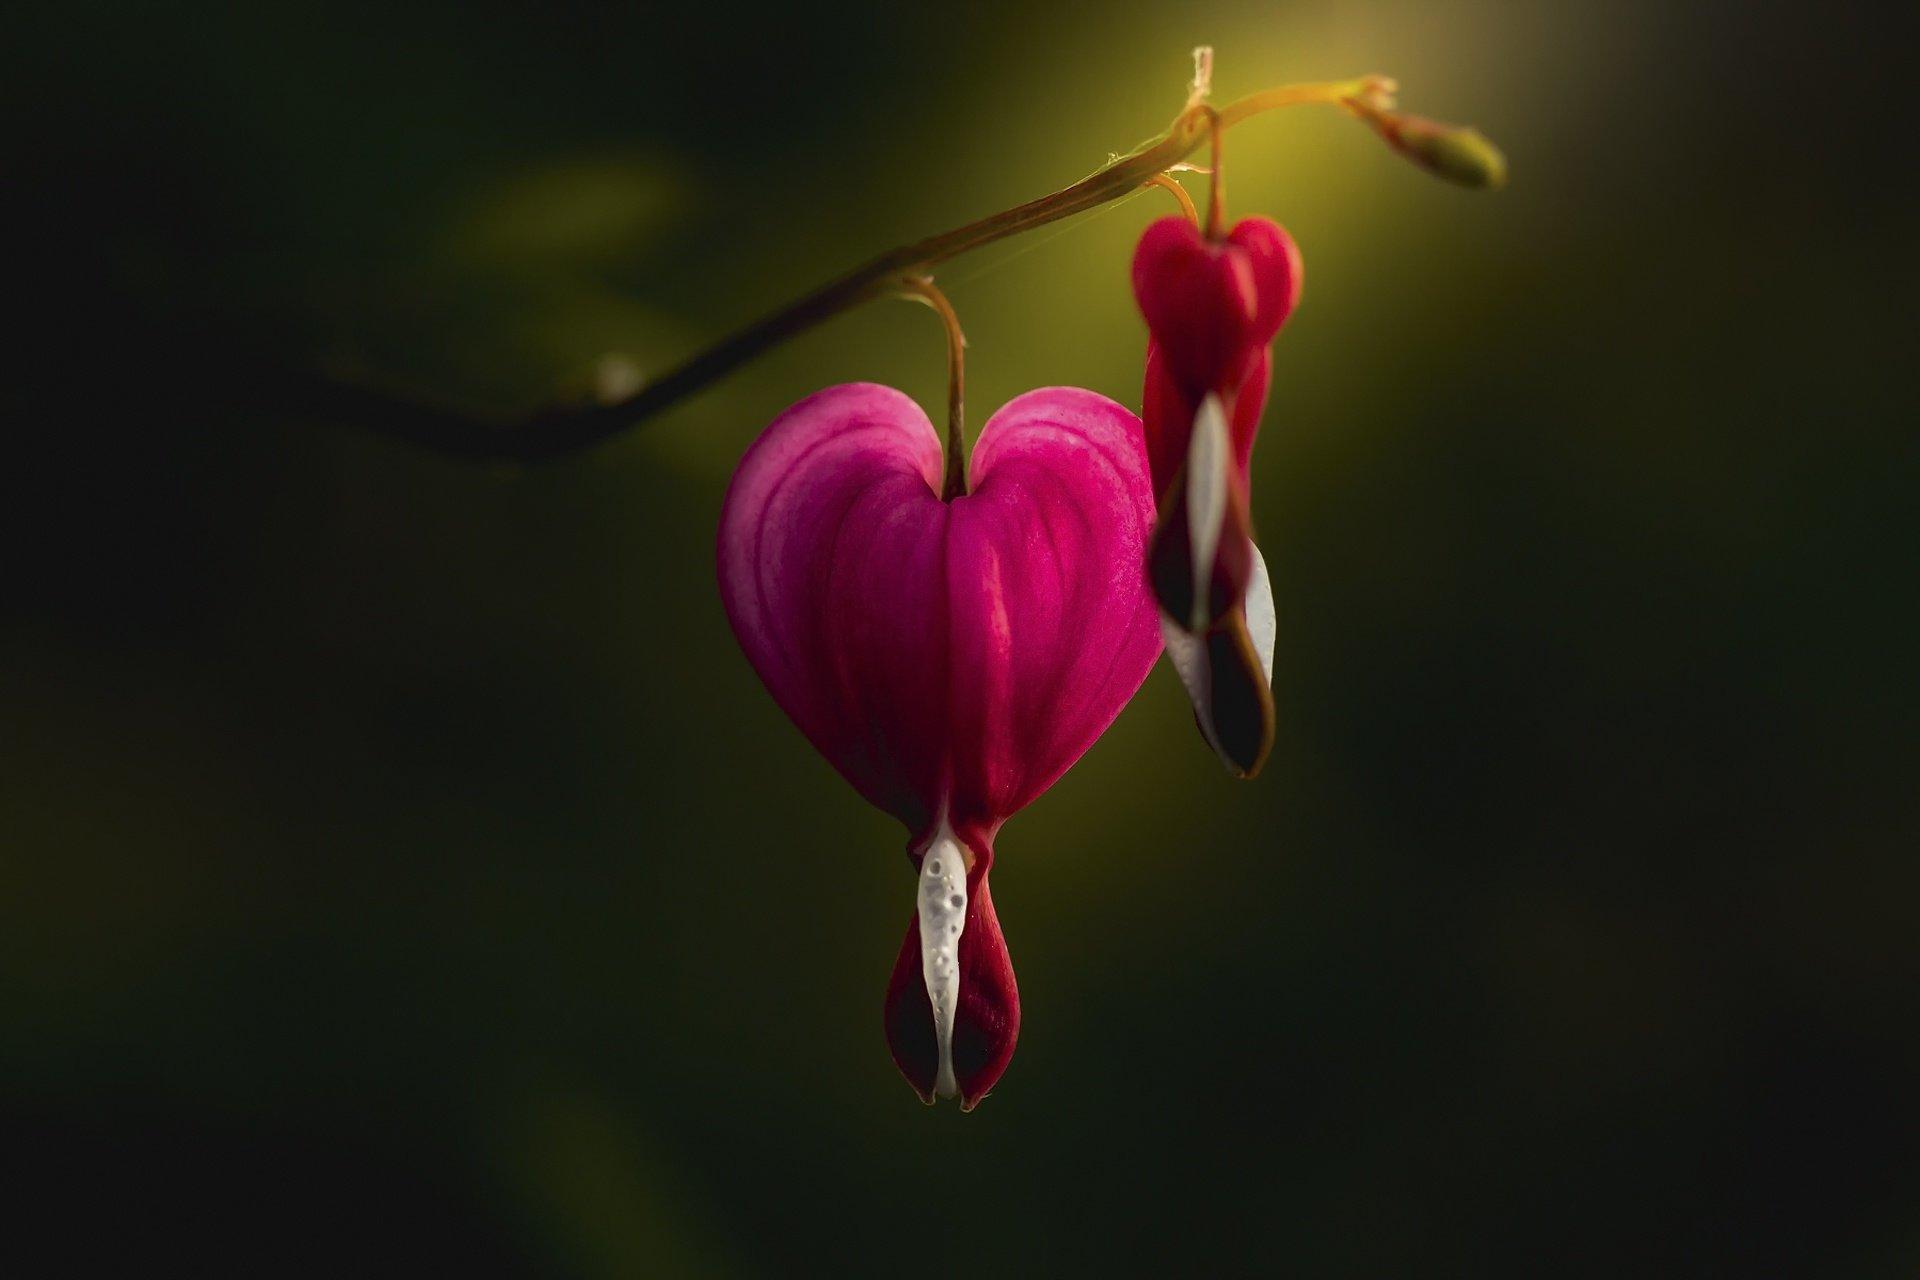 Bleeding Heart Wallpaper